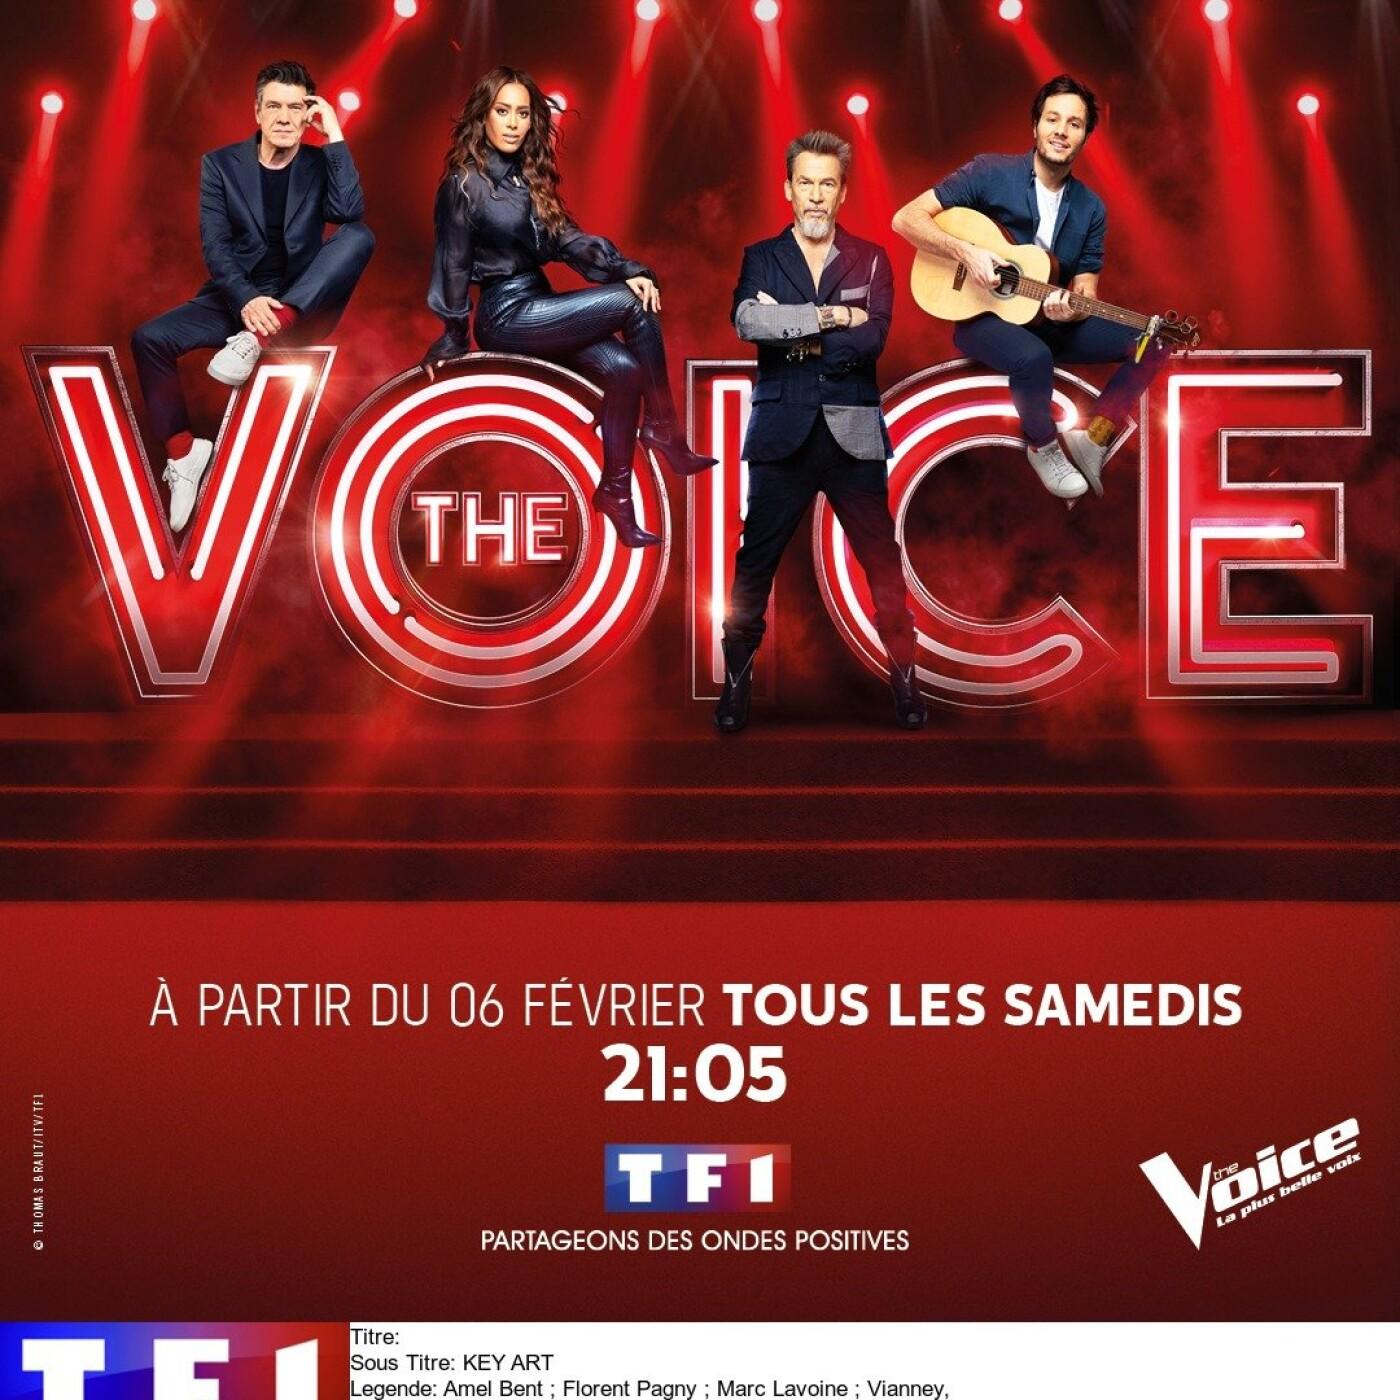 Florent Pagny nous donne ses premières impressions sur le début de The Voice 10